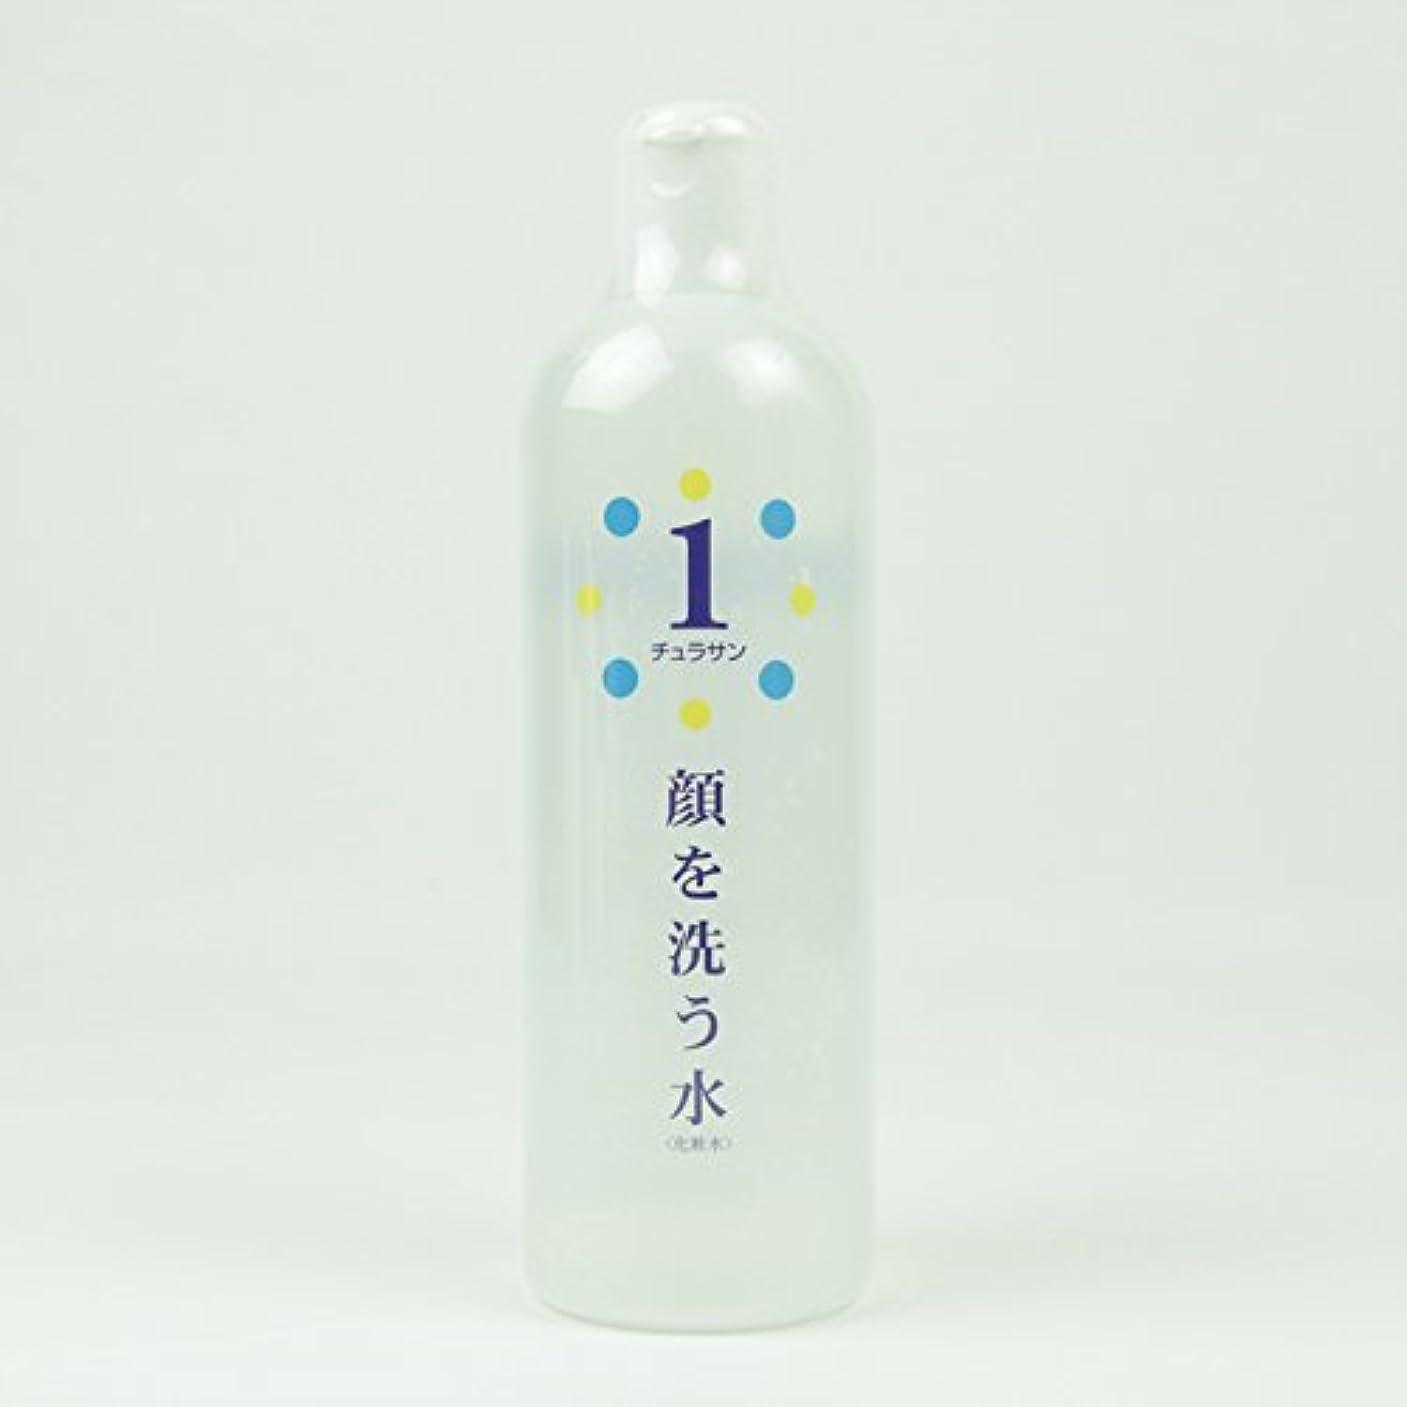 発音するプロフェッショナル敵チュラサン1 【顔を洗う水】 500ml